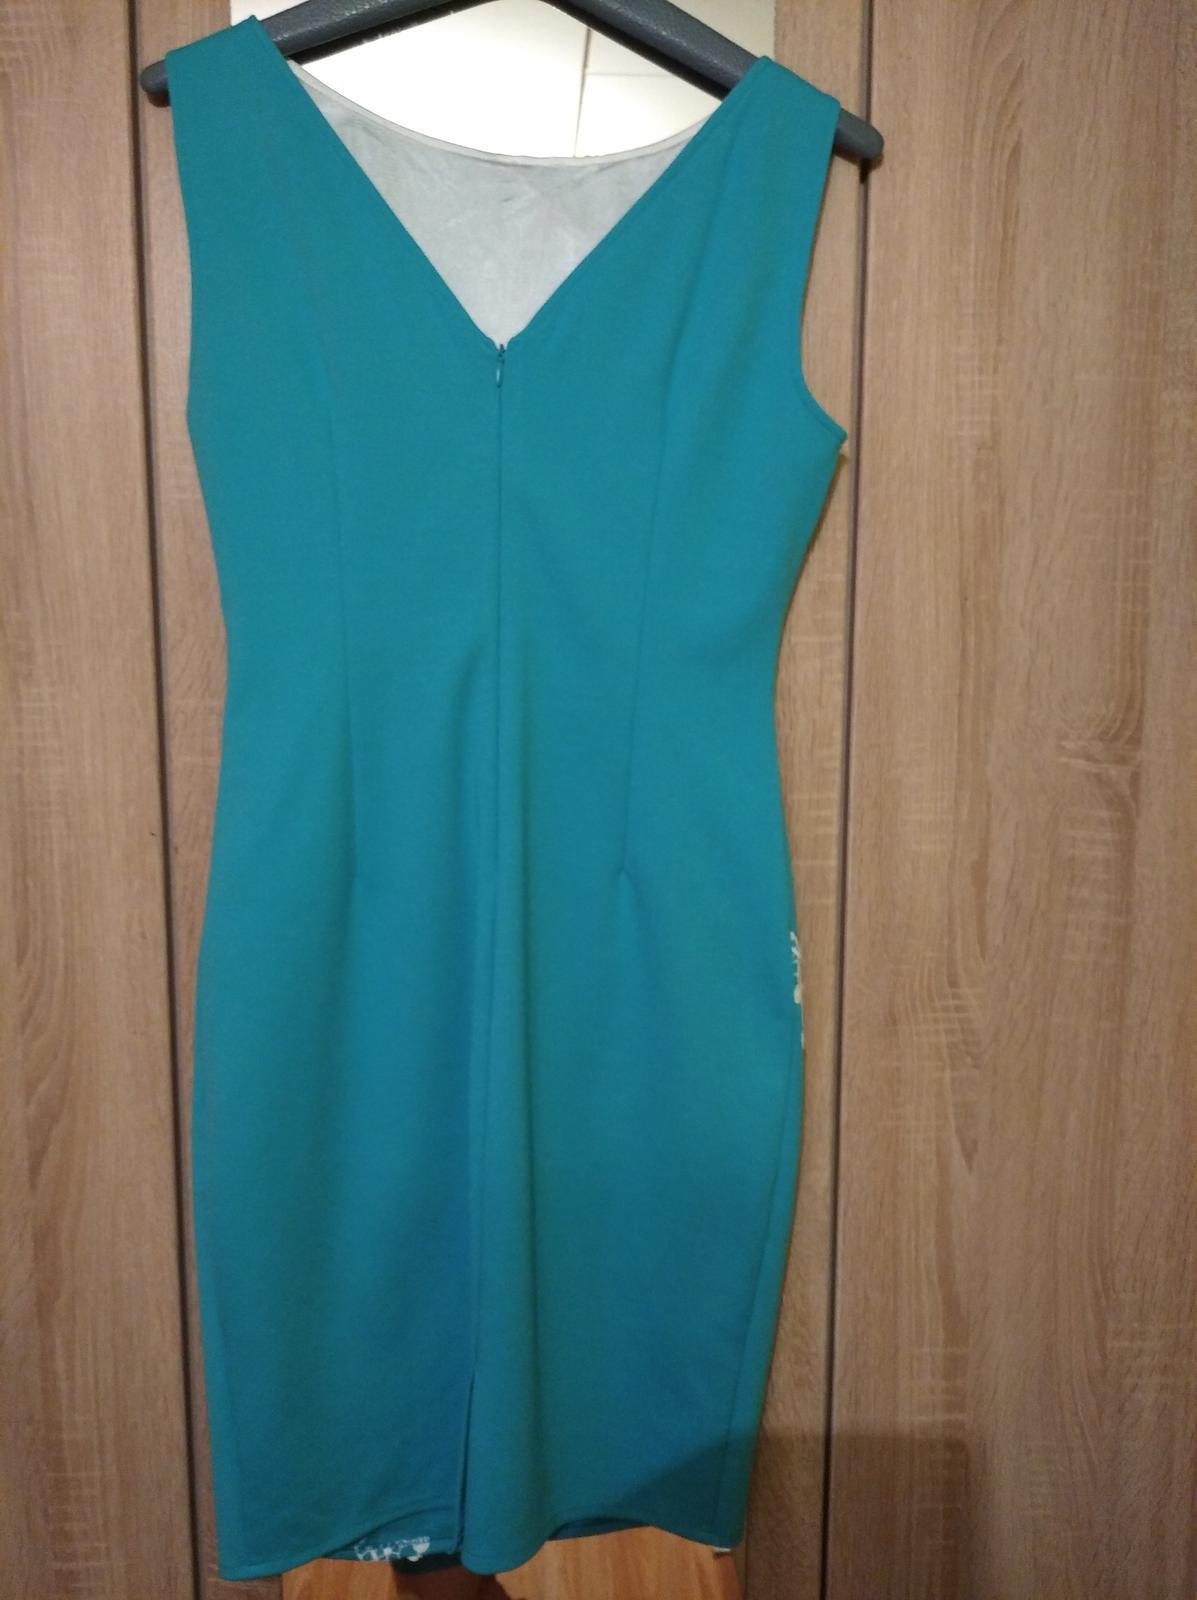 Dámske šaty tyrkysové s bolerkom - Obrázok č. 1